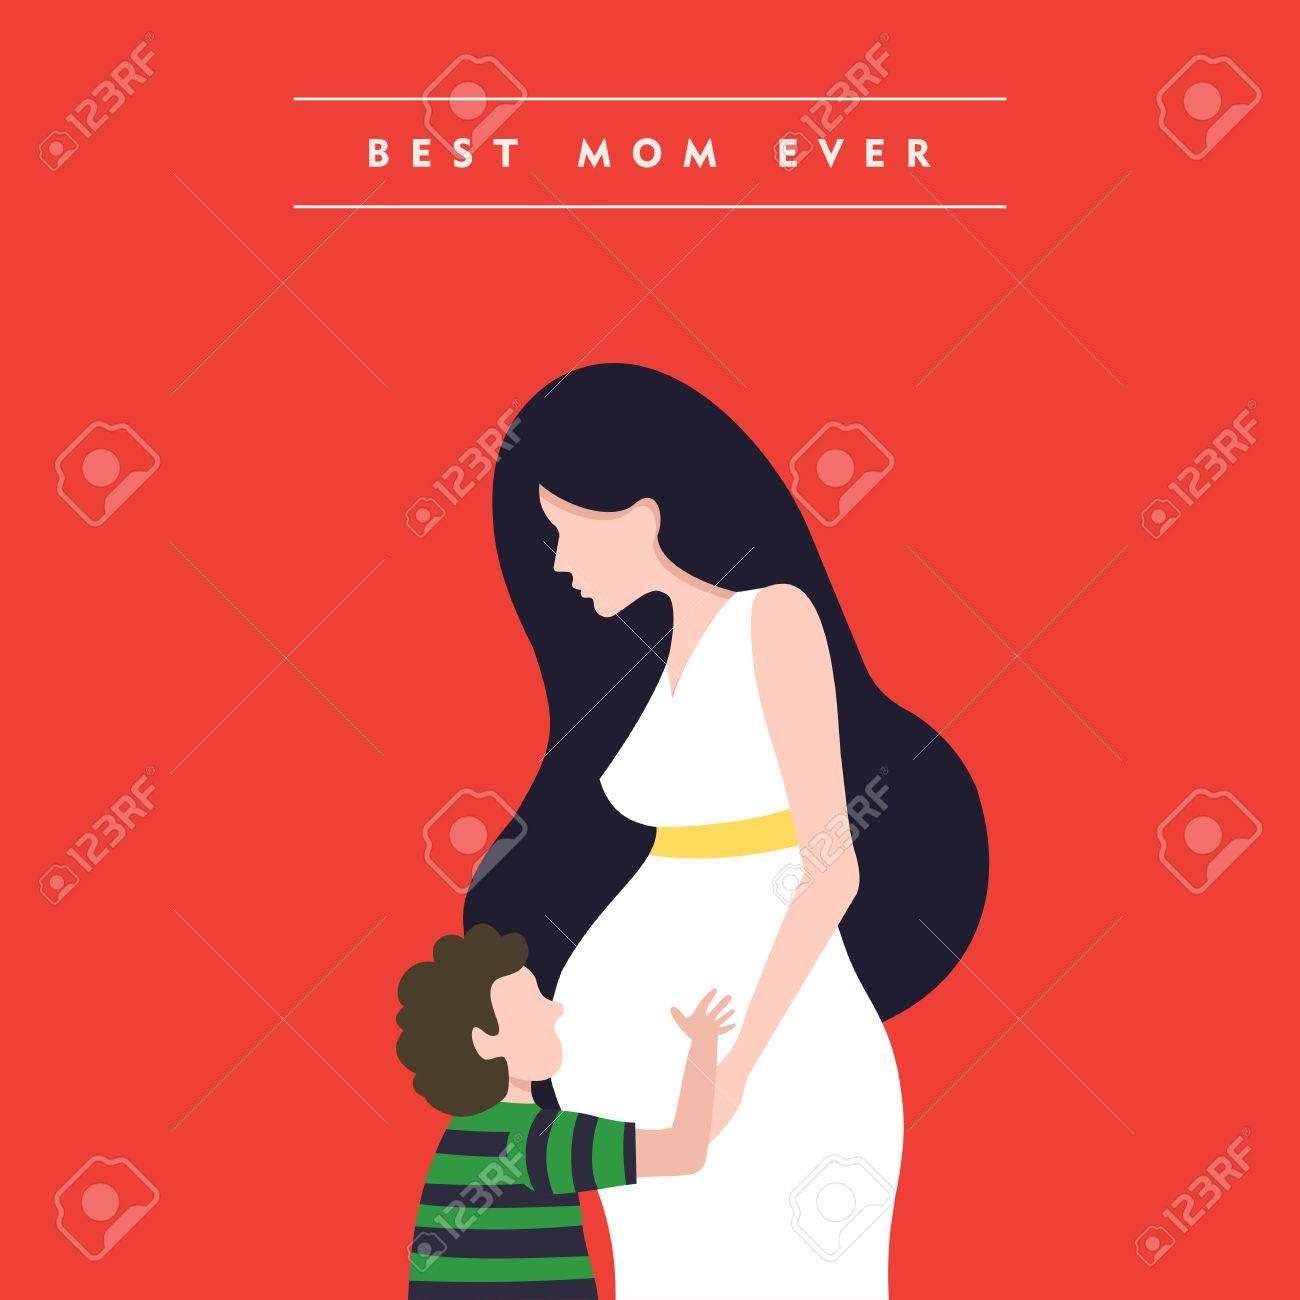 Illustration De La Fête Des Mères Heureux Femme Enceinte Avec Fils Et Maman Amour Citation Vecteur Eps10